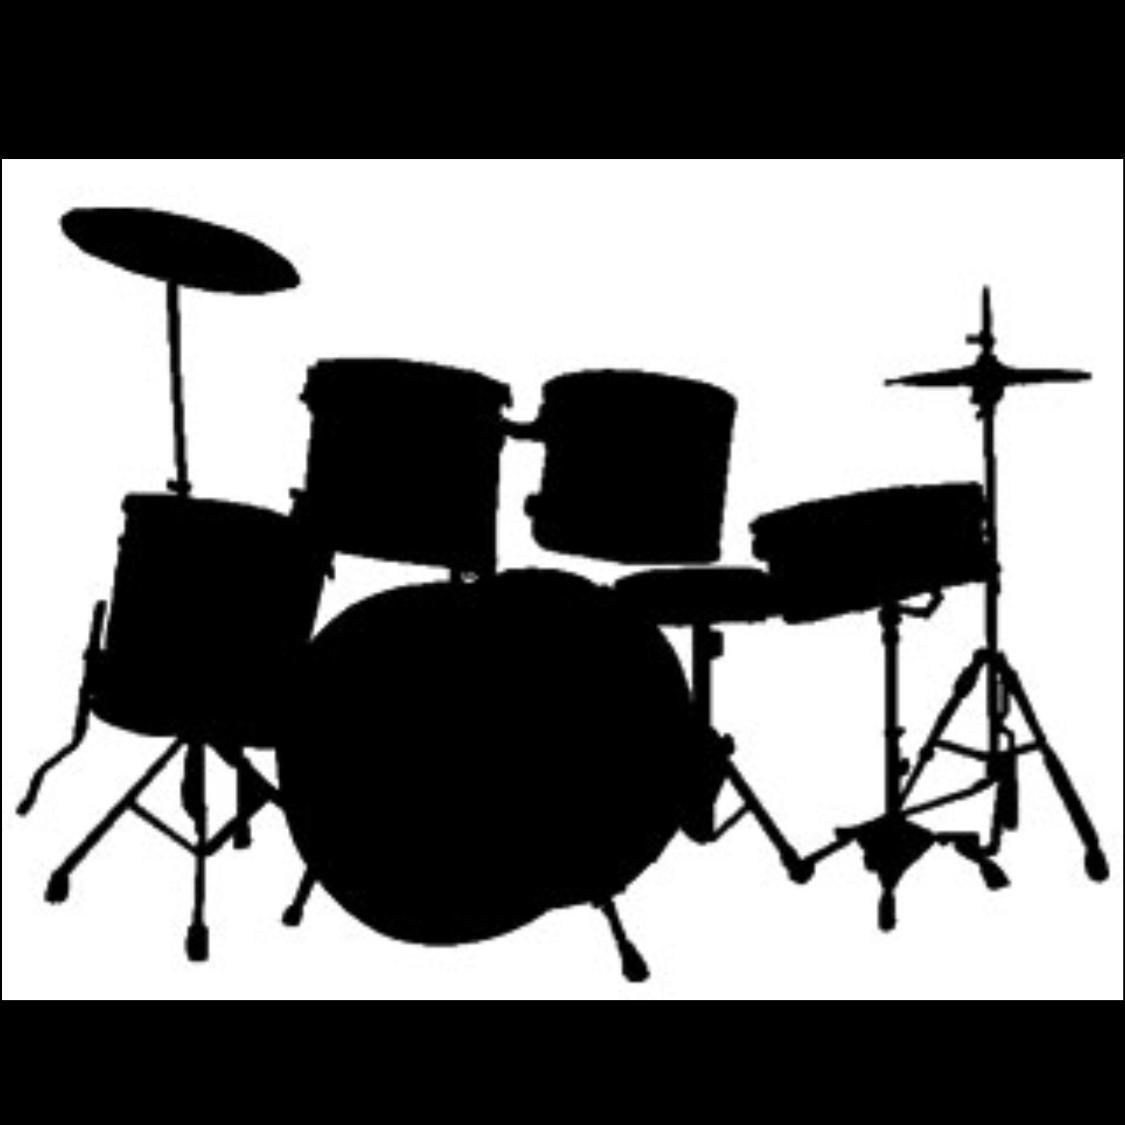 ドラムの耳コピ&楽譜作成します あなたの代わりにドラムの耳コピ&楽譜作成いたします!!